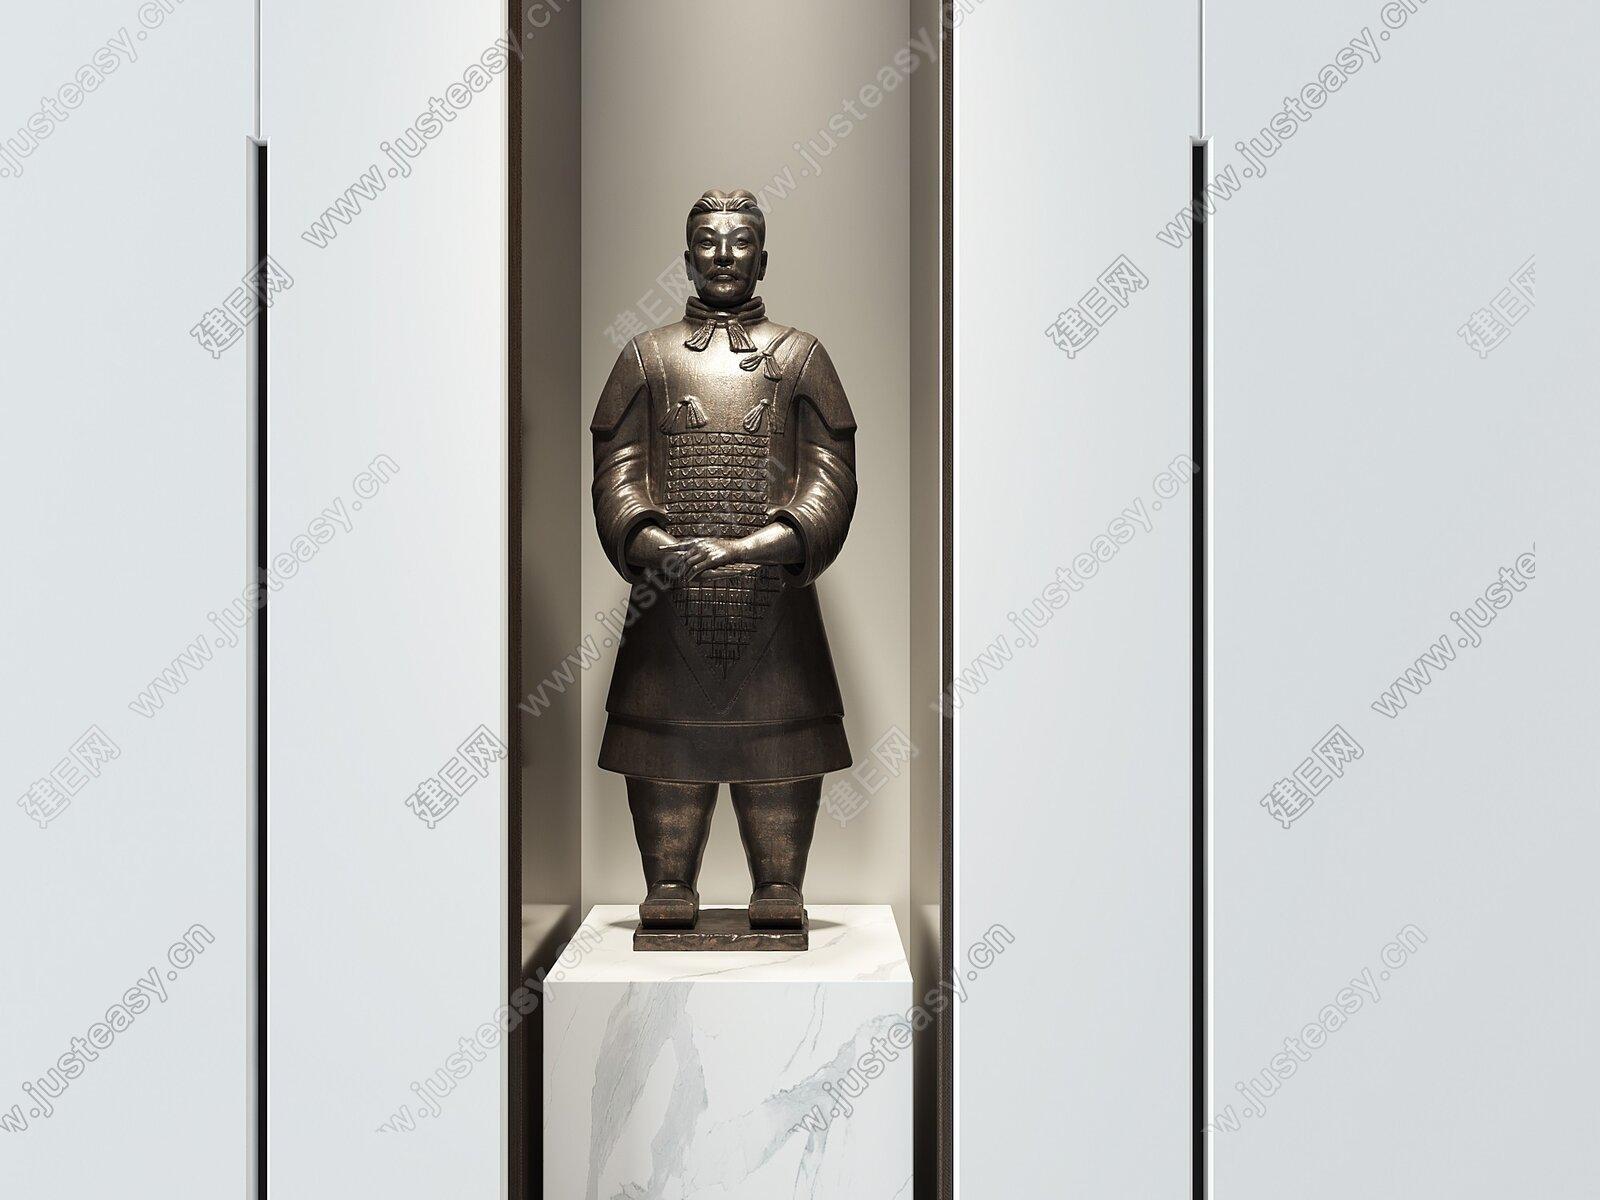 新中式雕塑摆件3d模型